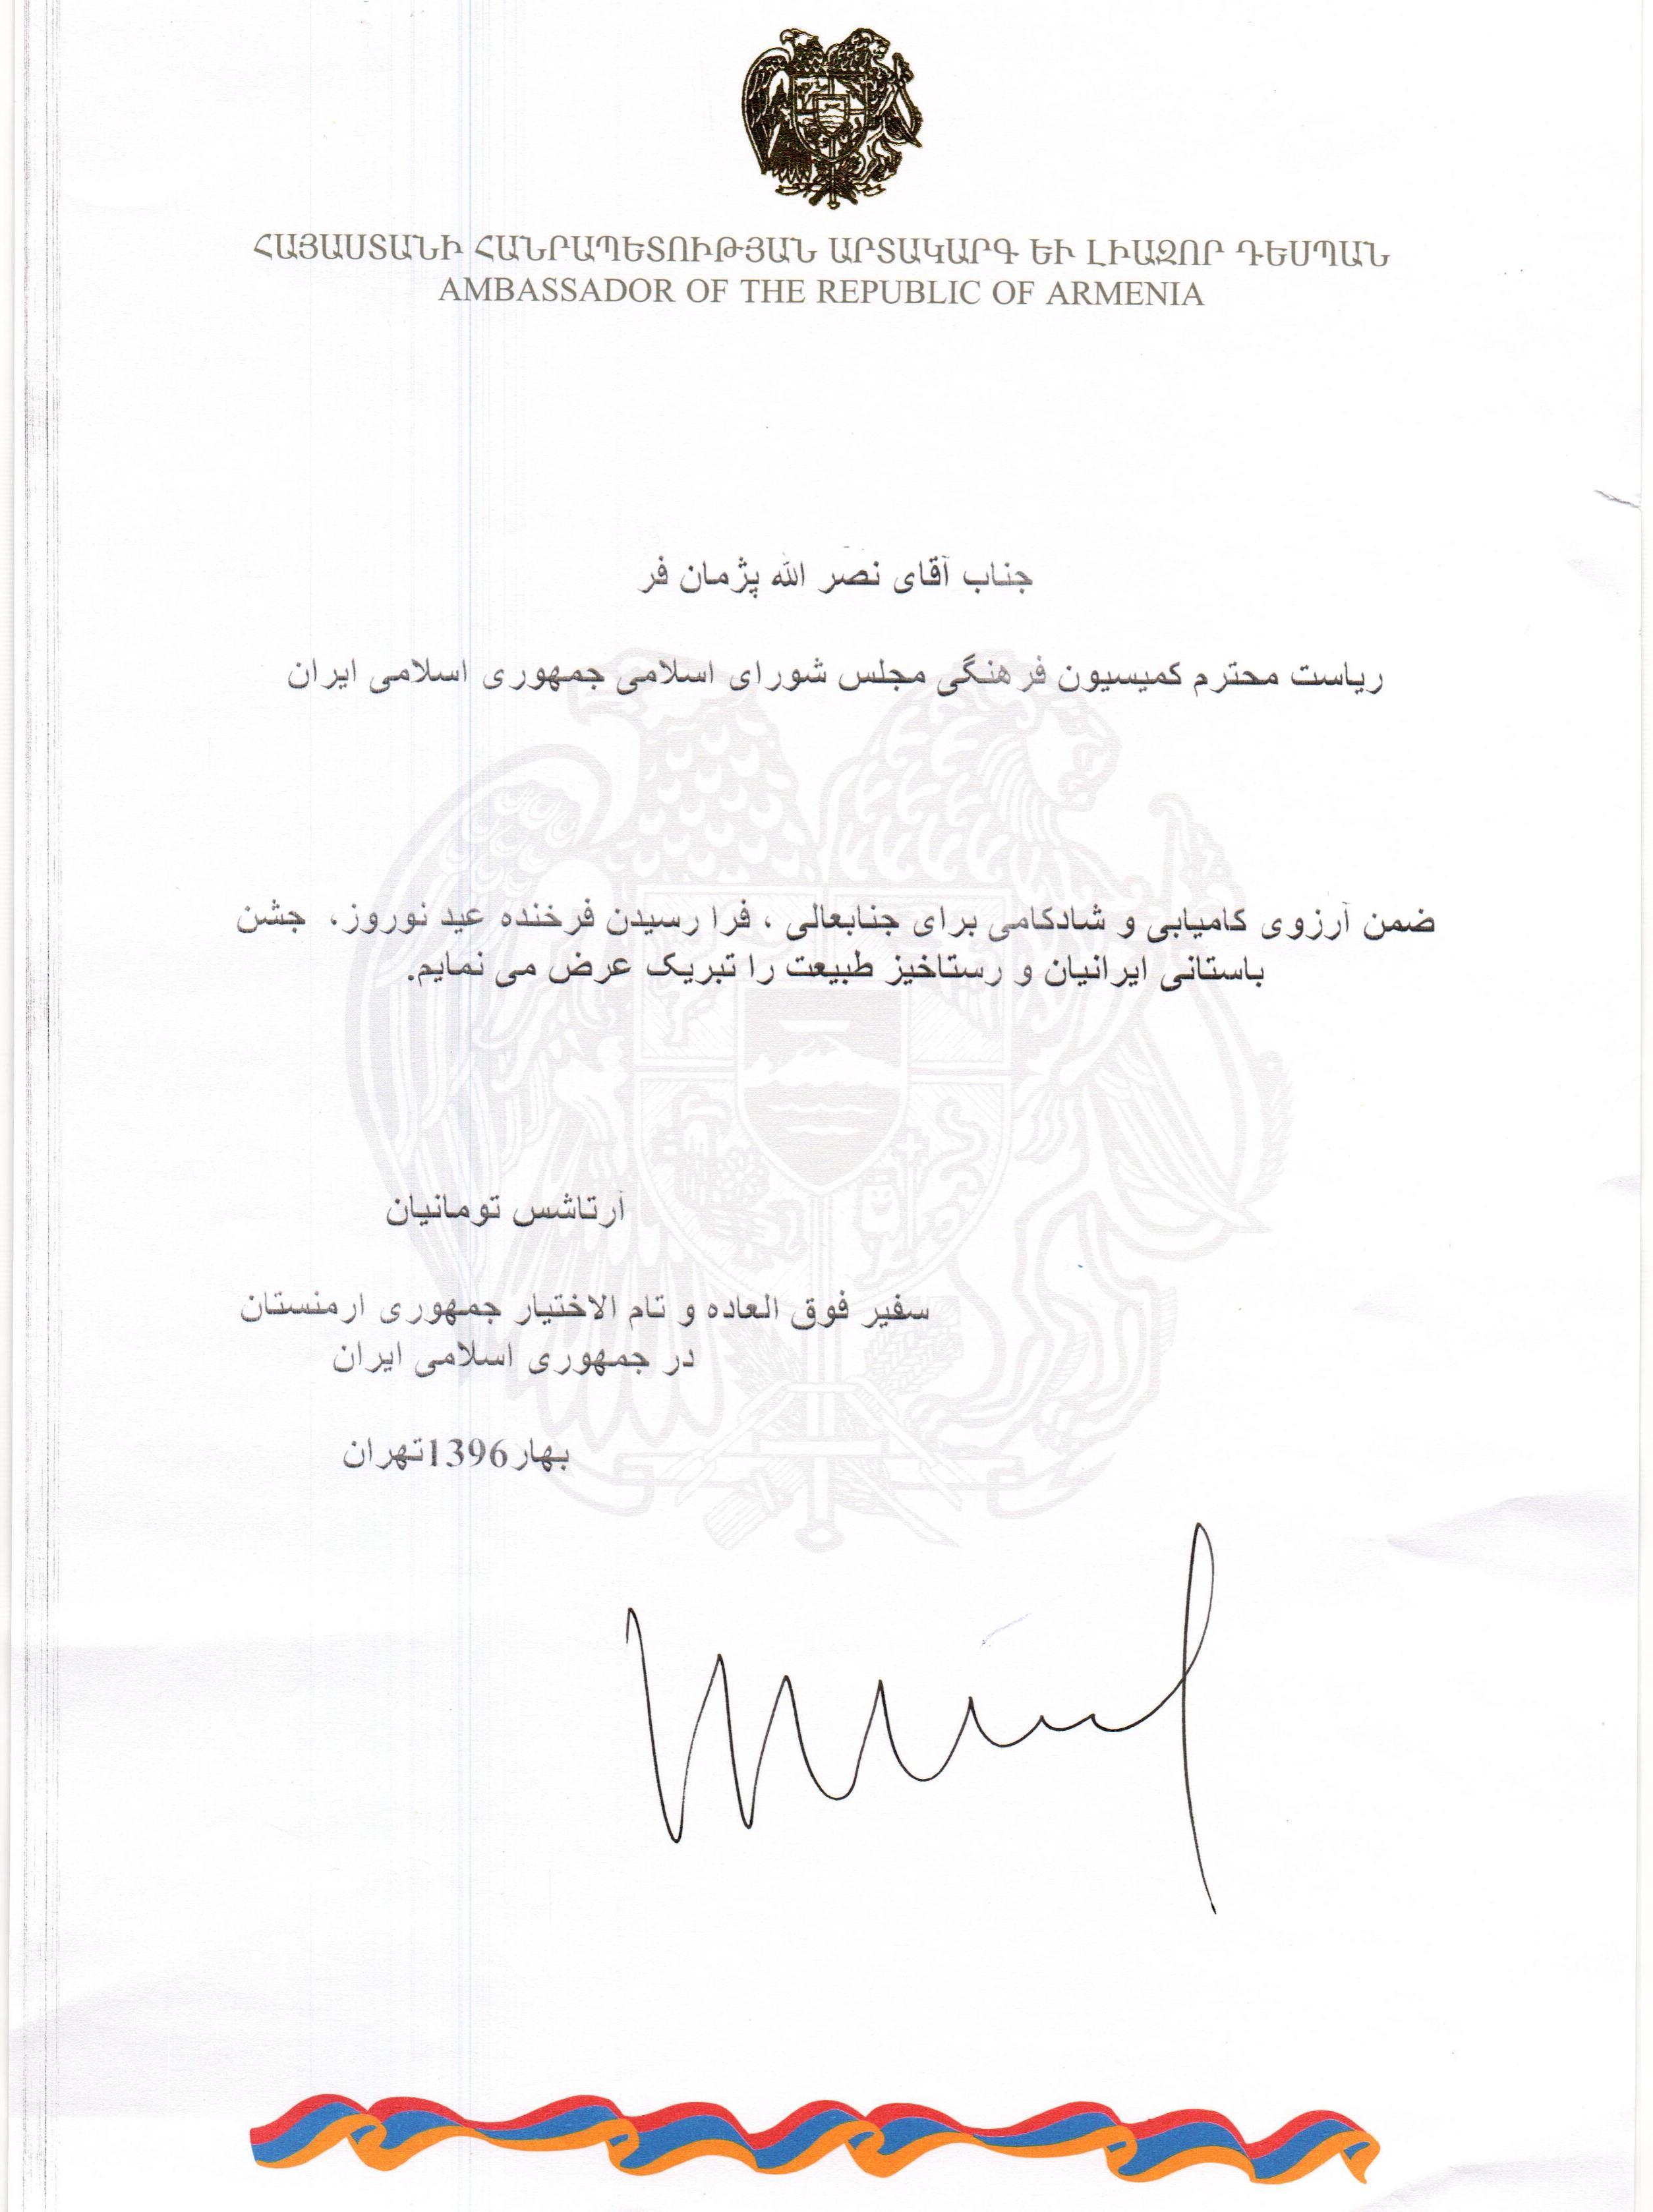 پیام تبریک نوروز ۹۶ از طرف سفیر جمهوری ارمنستان به رئیس کمیسیون فرهنگی